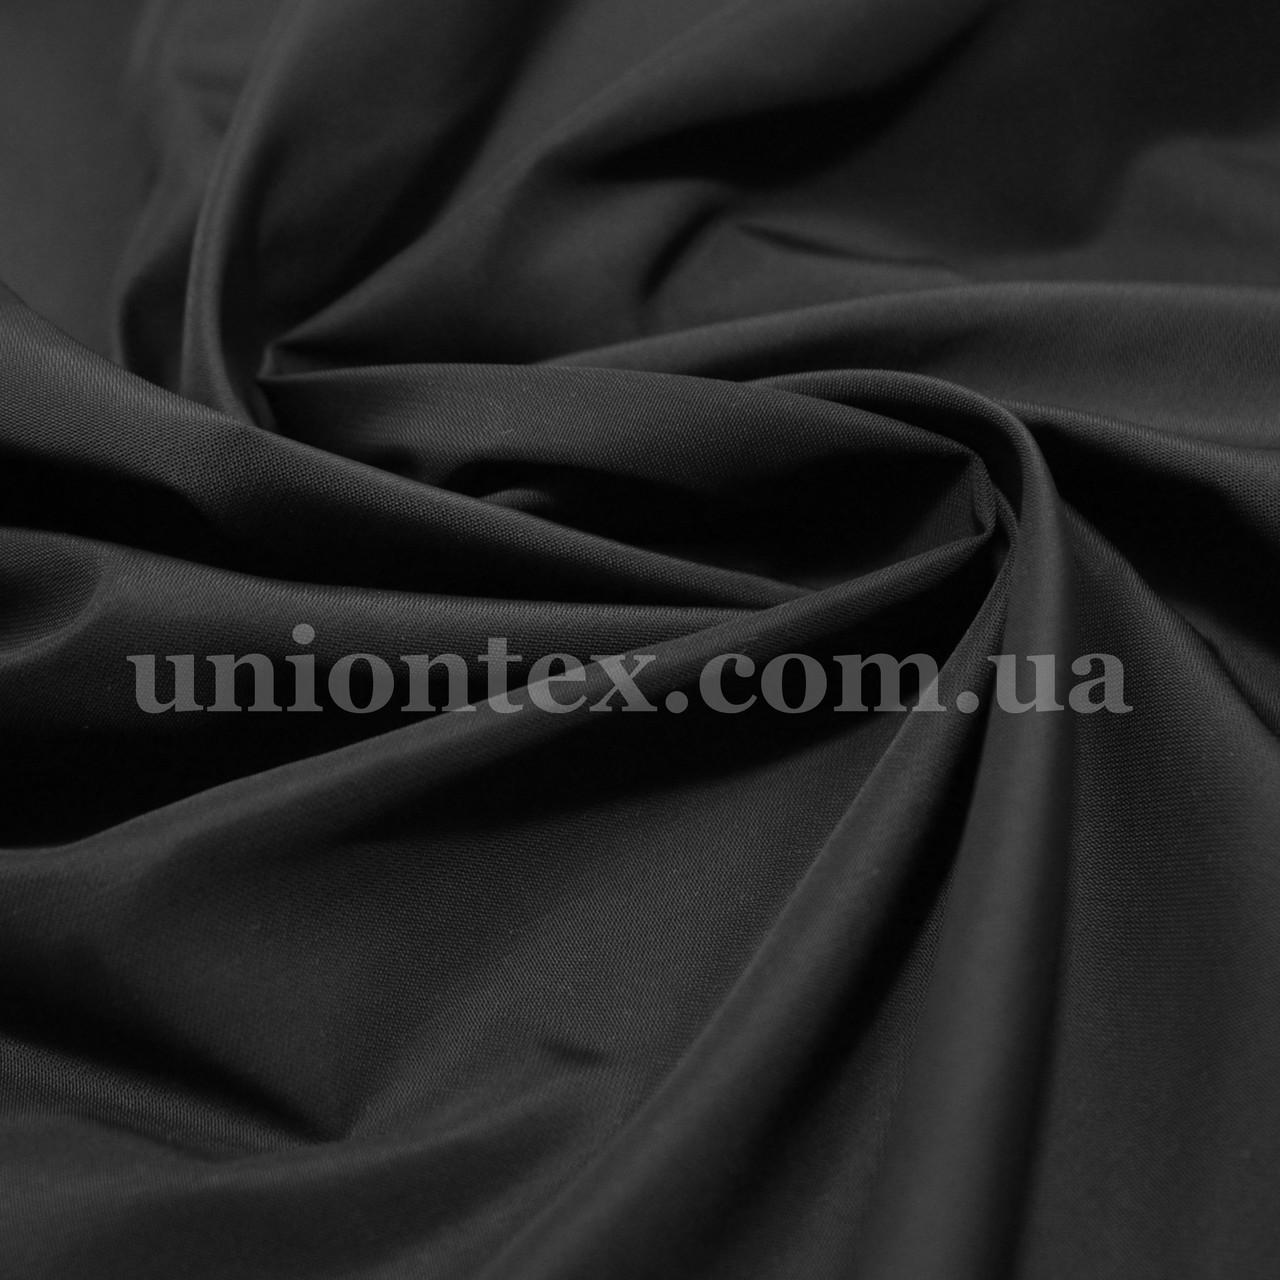 Плащевка матовая ткань купить ткань бязь черная купить спб